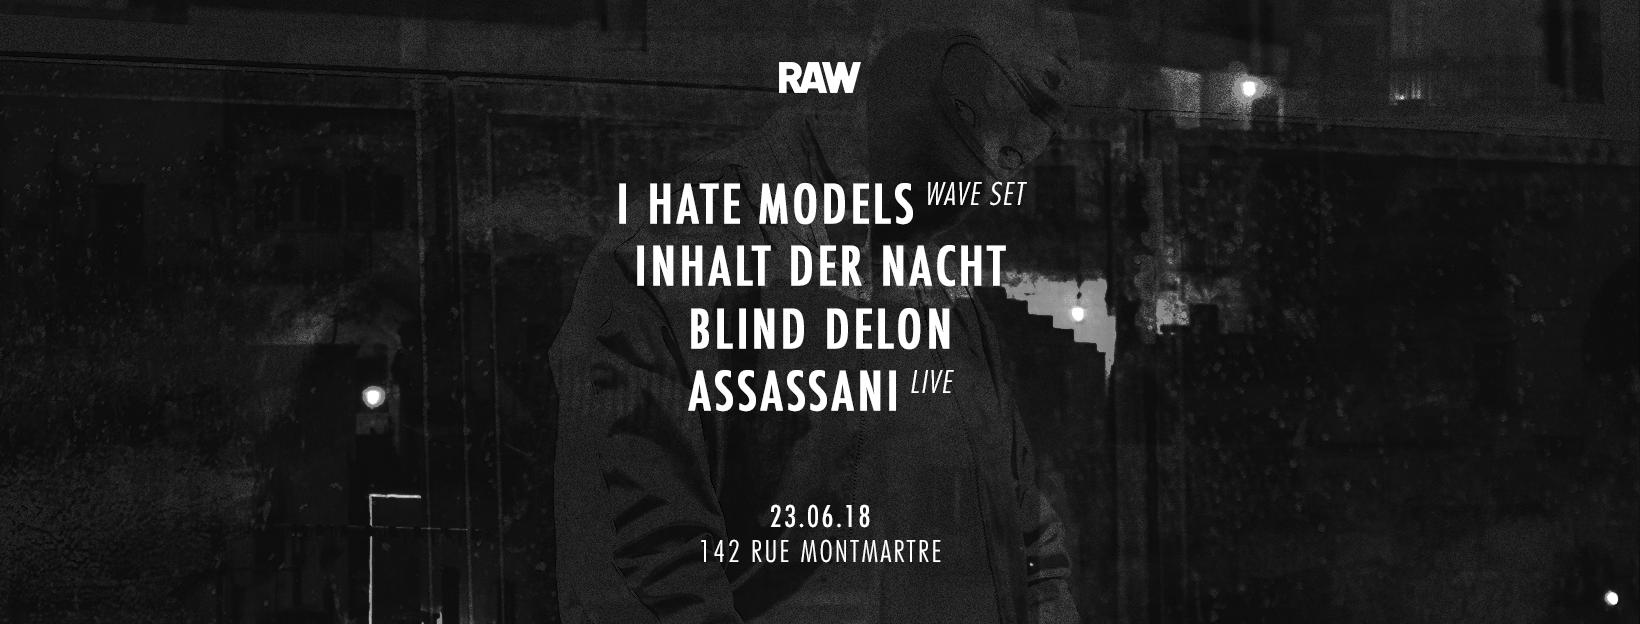 RAW Night w/ I Hate Models , Inhalt Der Nacht, Blind Delon and Assassani live